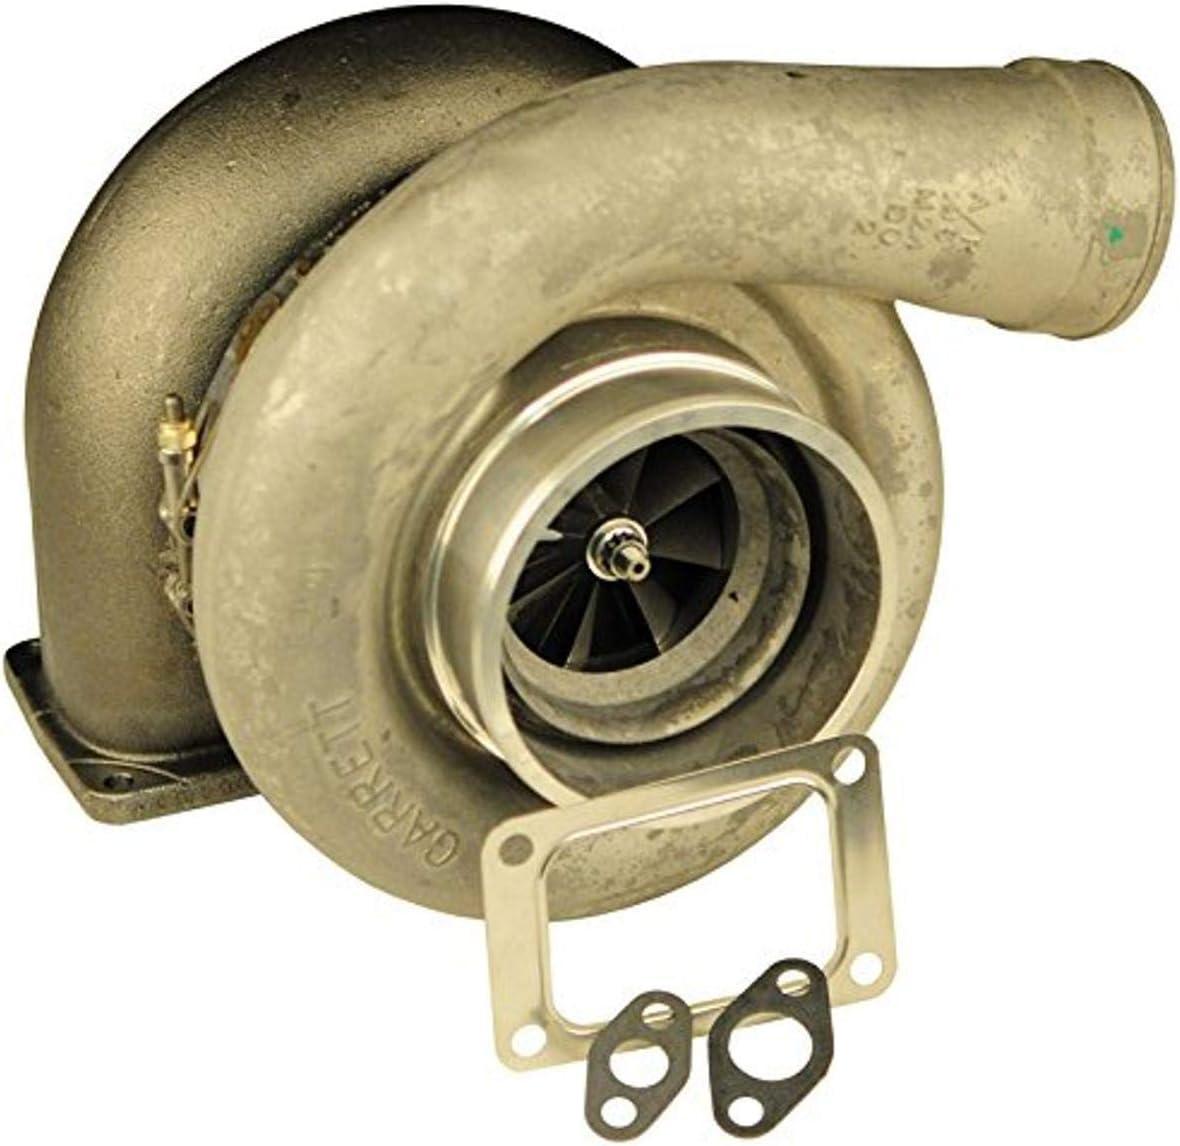 New Detroit Diesel Garrett 407370-5009S Turbocharger